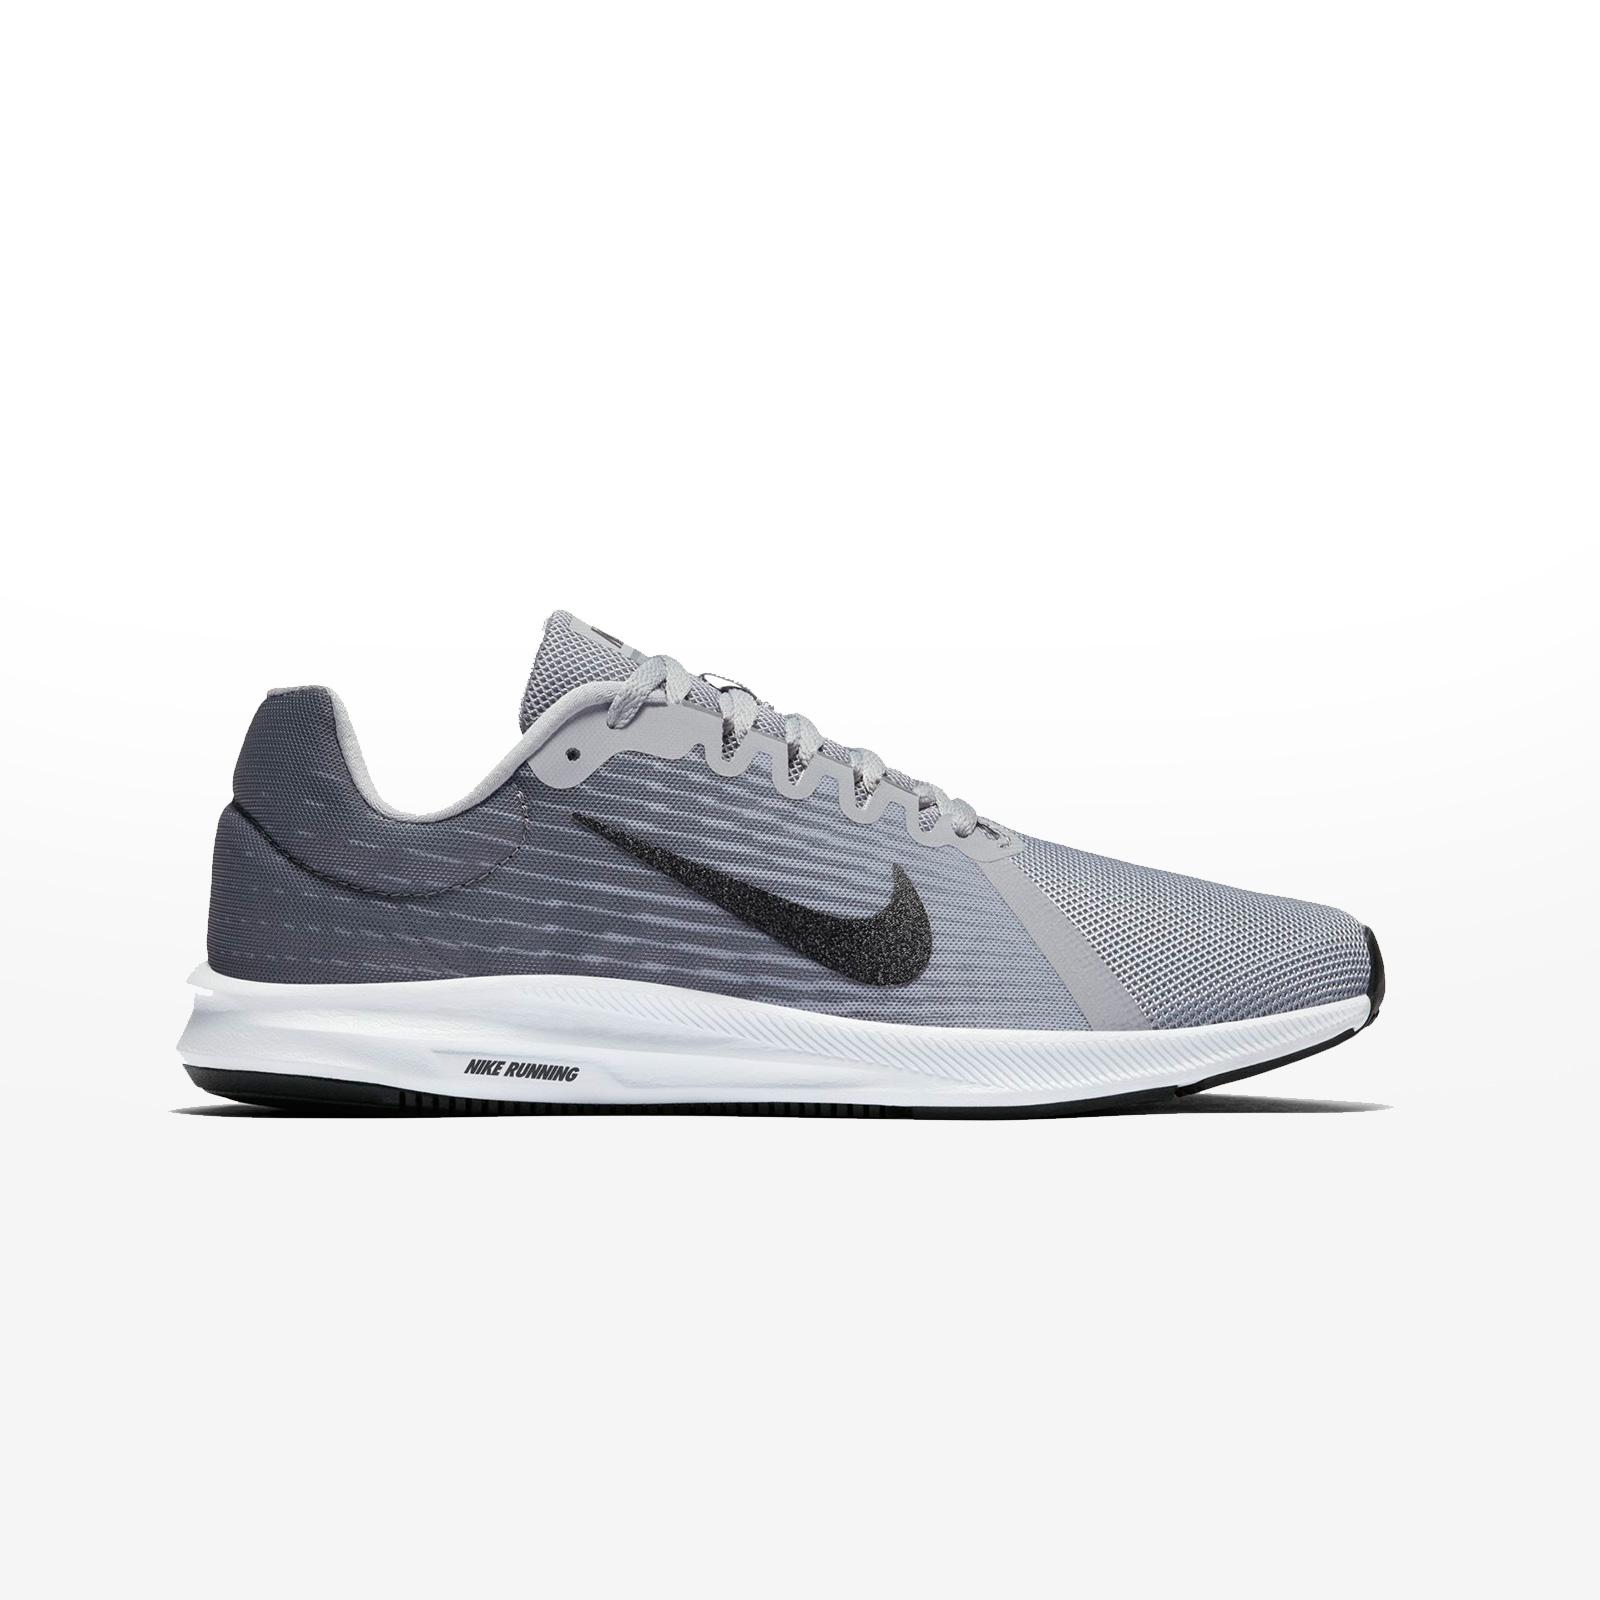 045b1c344517f Sportcafe Nike – NIKE DOWNSHIFTER 8 – WOLF GREY MTLC DARK GREY-COOL GREY-